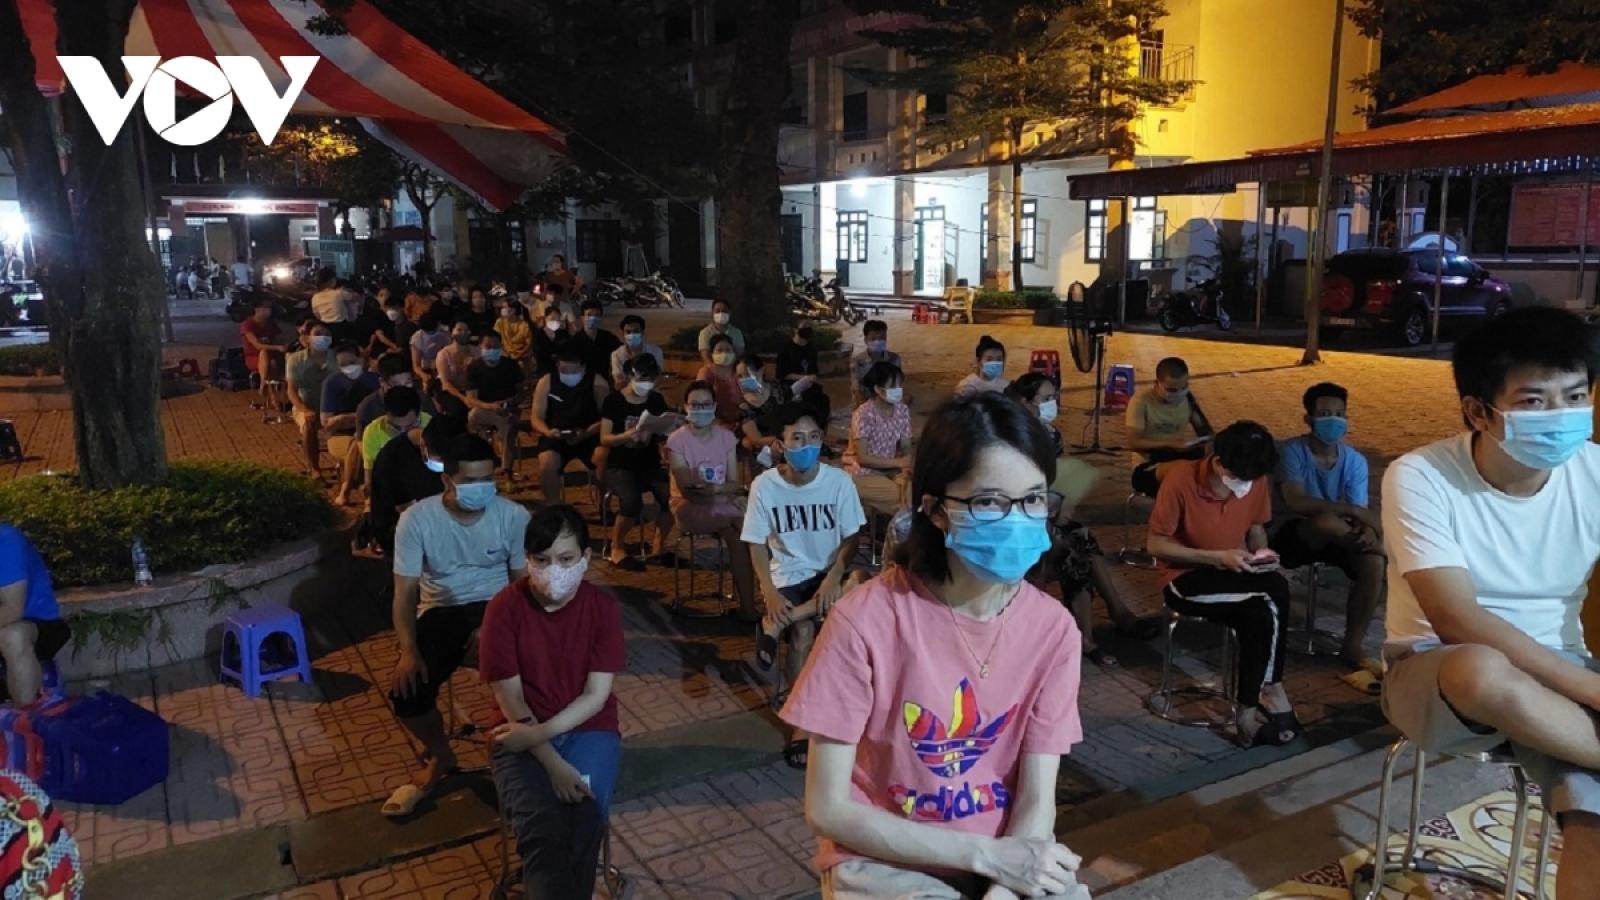 Bí thư Thành ủy Hà Nội: Tận dụng từng phút để hoàn thành mục tiêu tiêm chủng